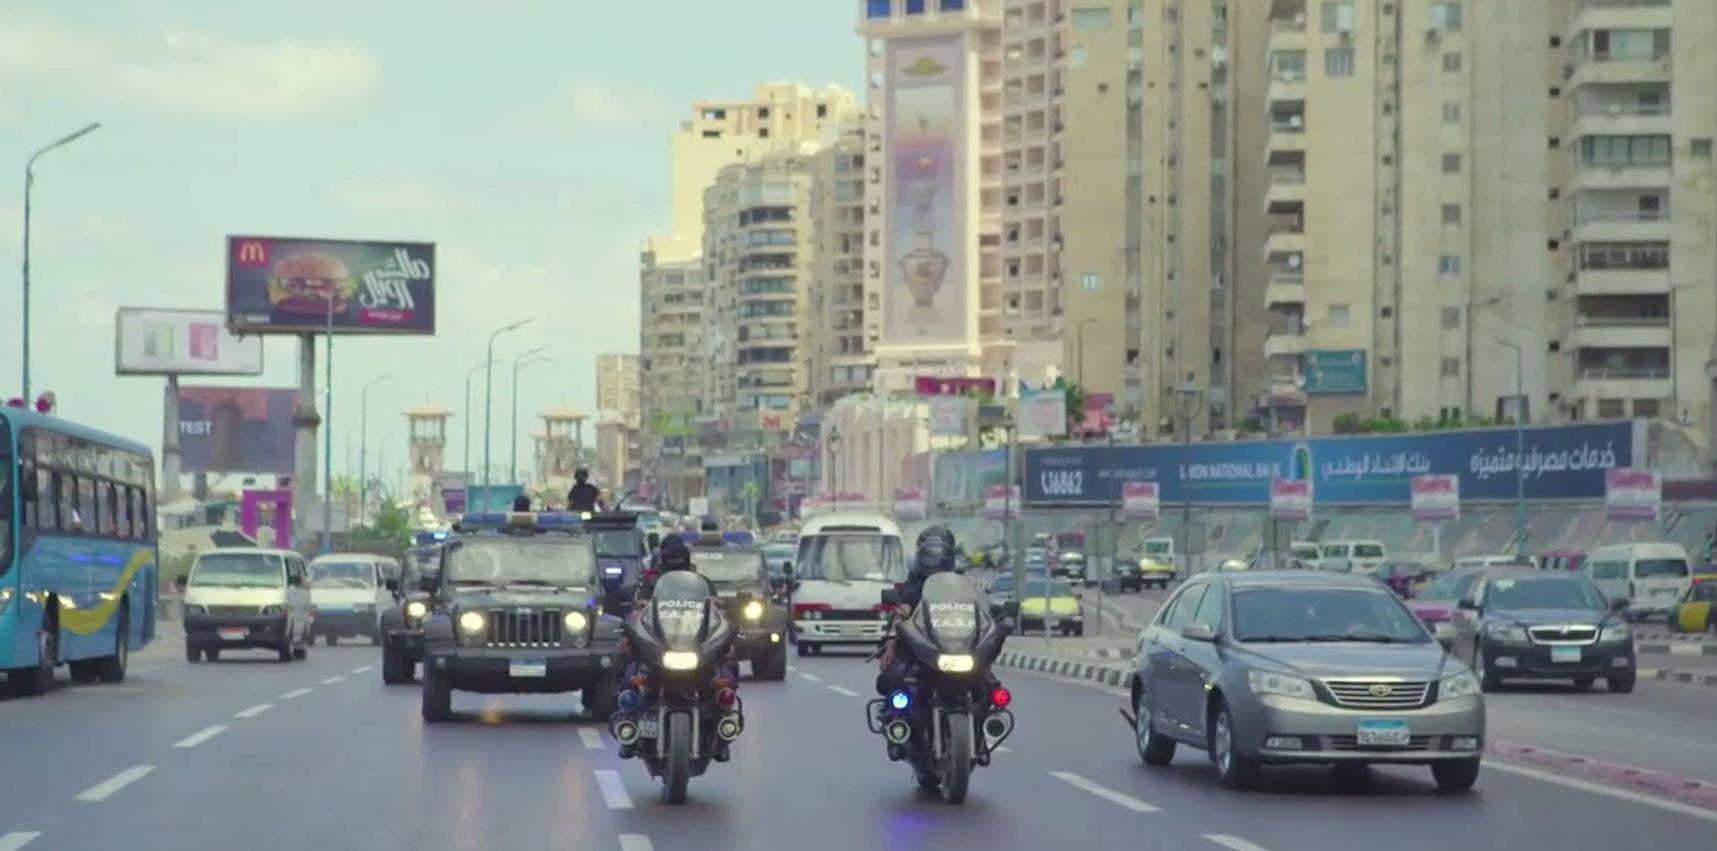 الأمن المصري يضبط كميات ضخمة من المخدرات والحشيش